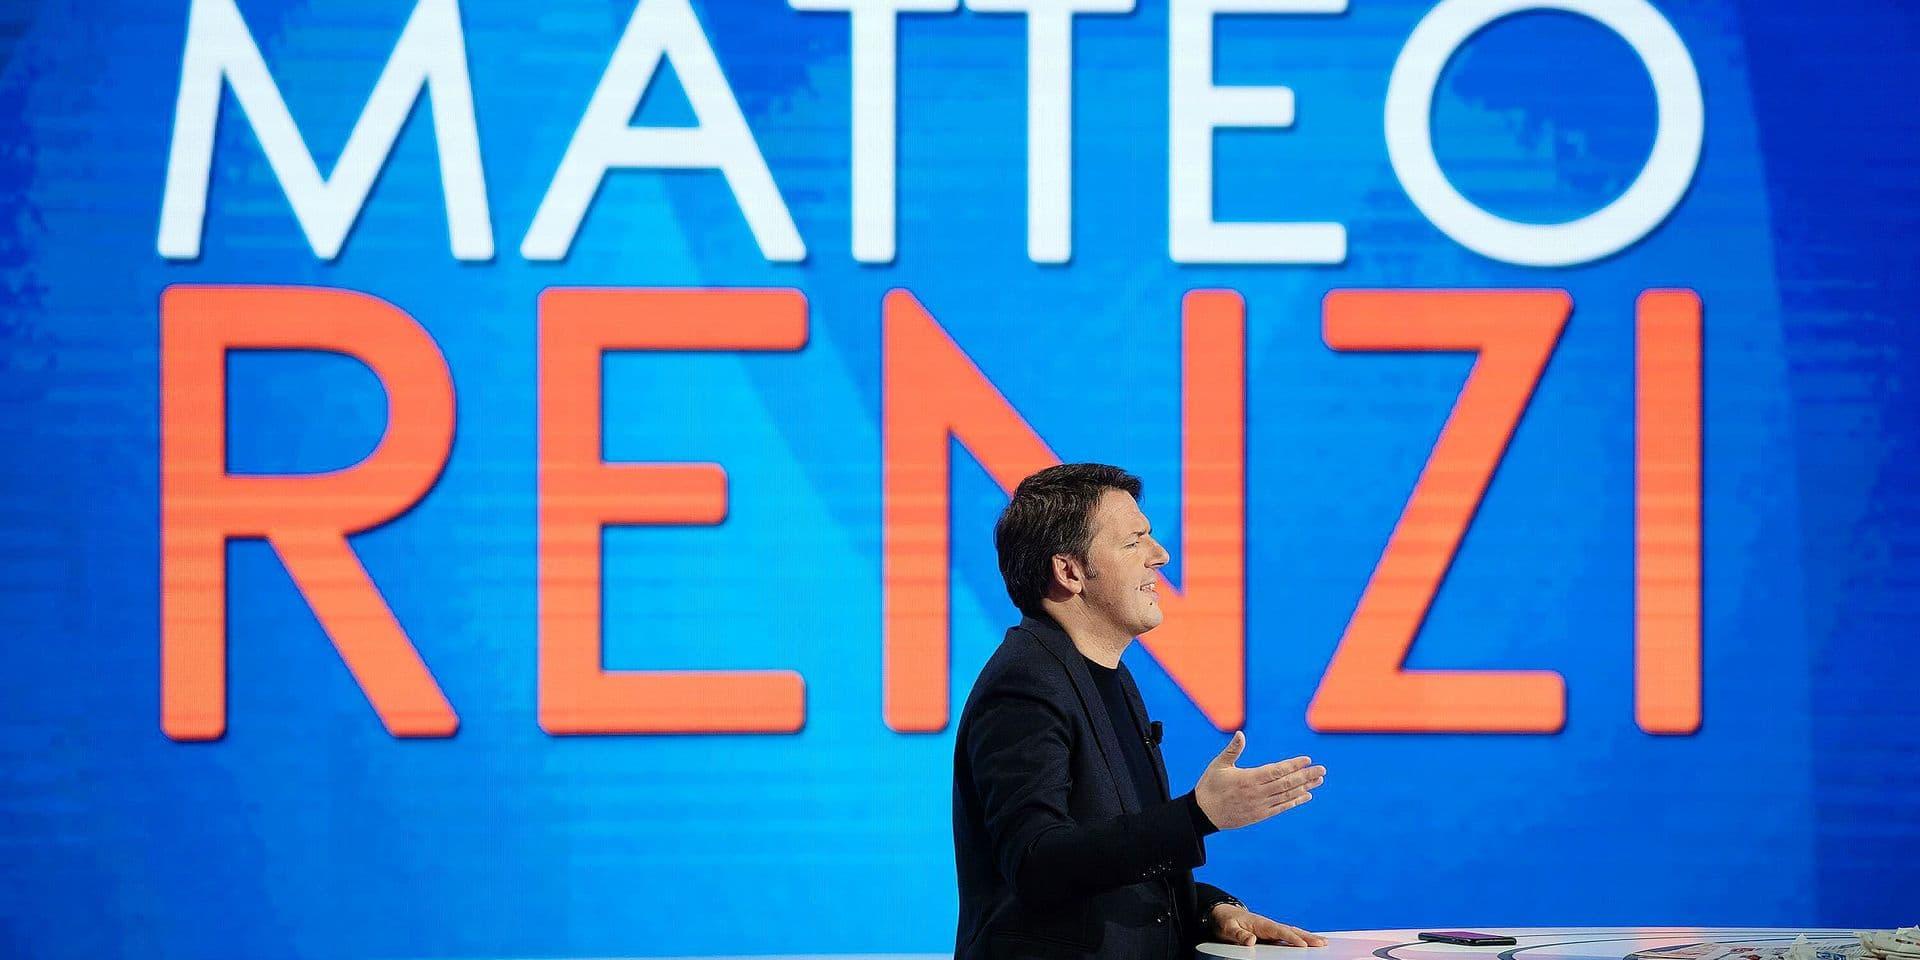 foto IPP/Paolo Gargini Roma 11/03/2019 Trasmissione televisiva l Aria che Tira nella foto Matteo Renzi - partito democratico PD PUBLICATIONxNOTxINxITAxFIN 0